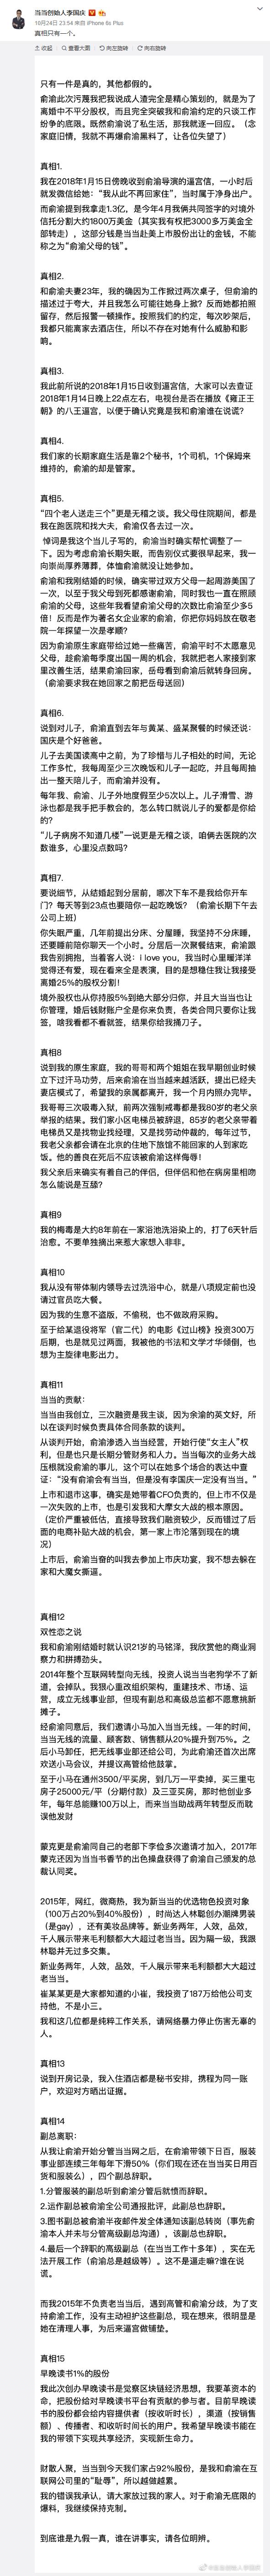 2o17天堂网手机版_阻挡金软景登顶是她 李盈莹再次打掉上海冠军梦